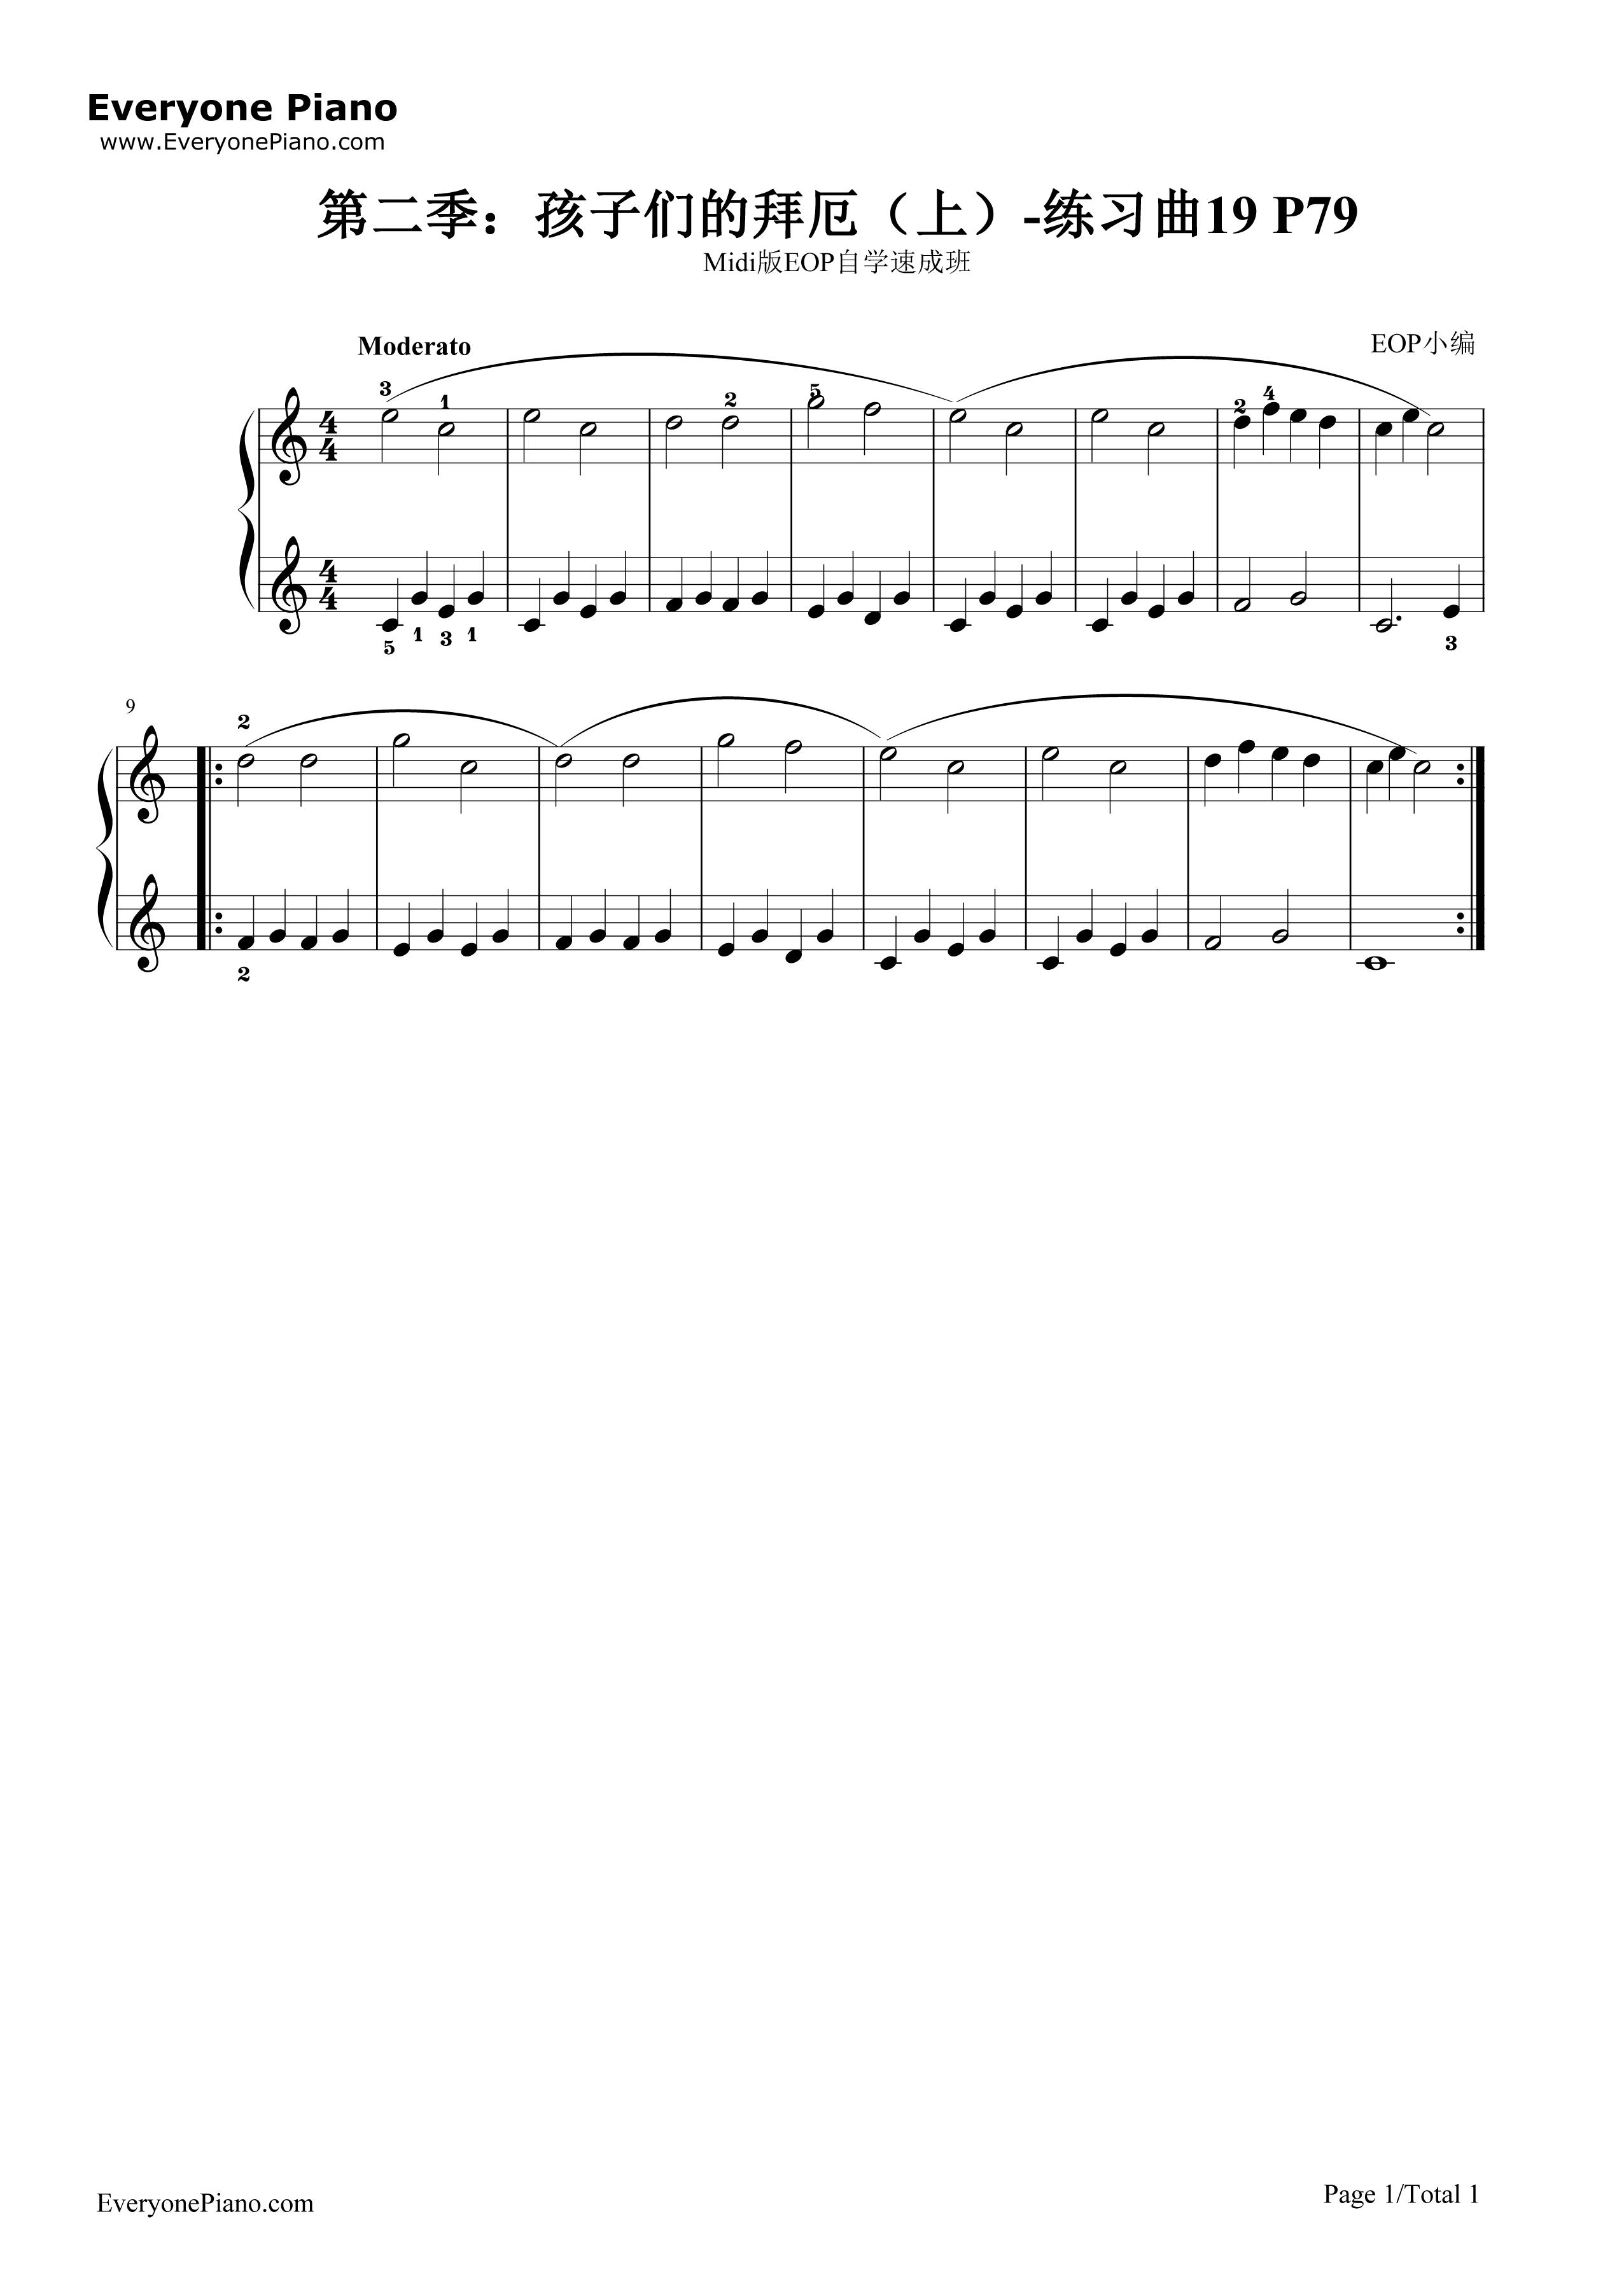 钢琴曲谱 练习曲 练习曲19-midi版eop自学速成班第二季:孩子们的拜厄图片